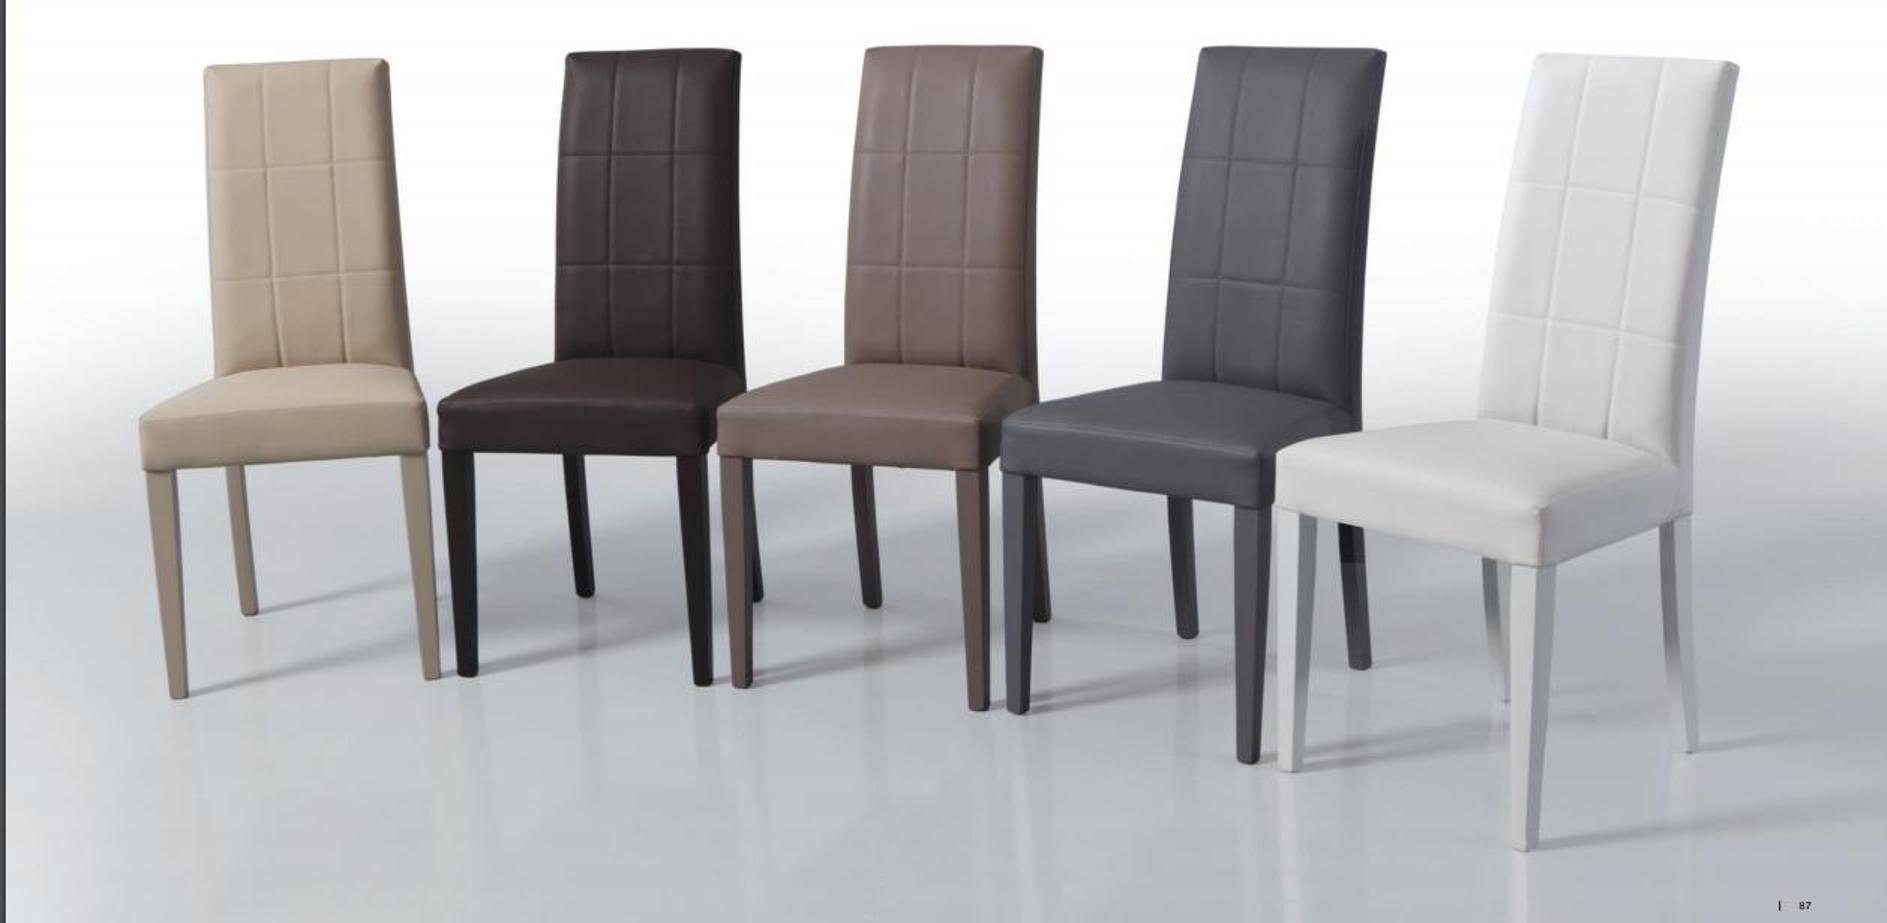 Sedie ecopelle bianche sedie ecopelle bianche with sedie - Poltroncine ecopelle economiche ...